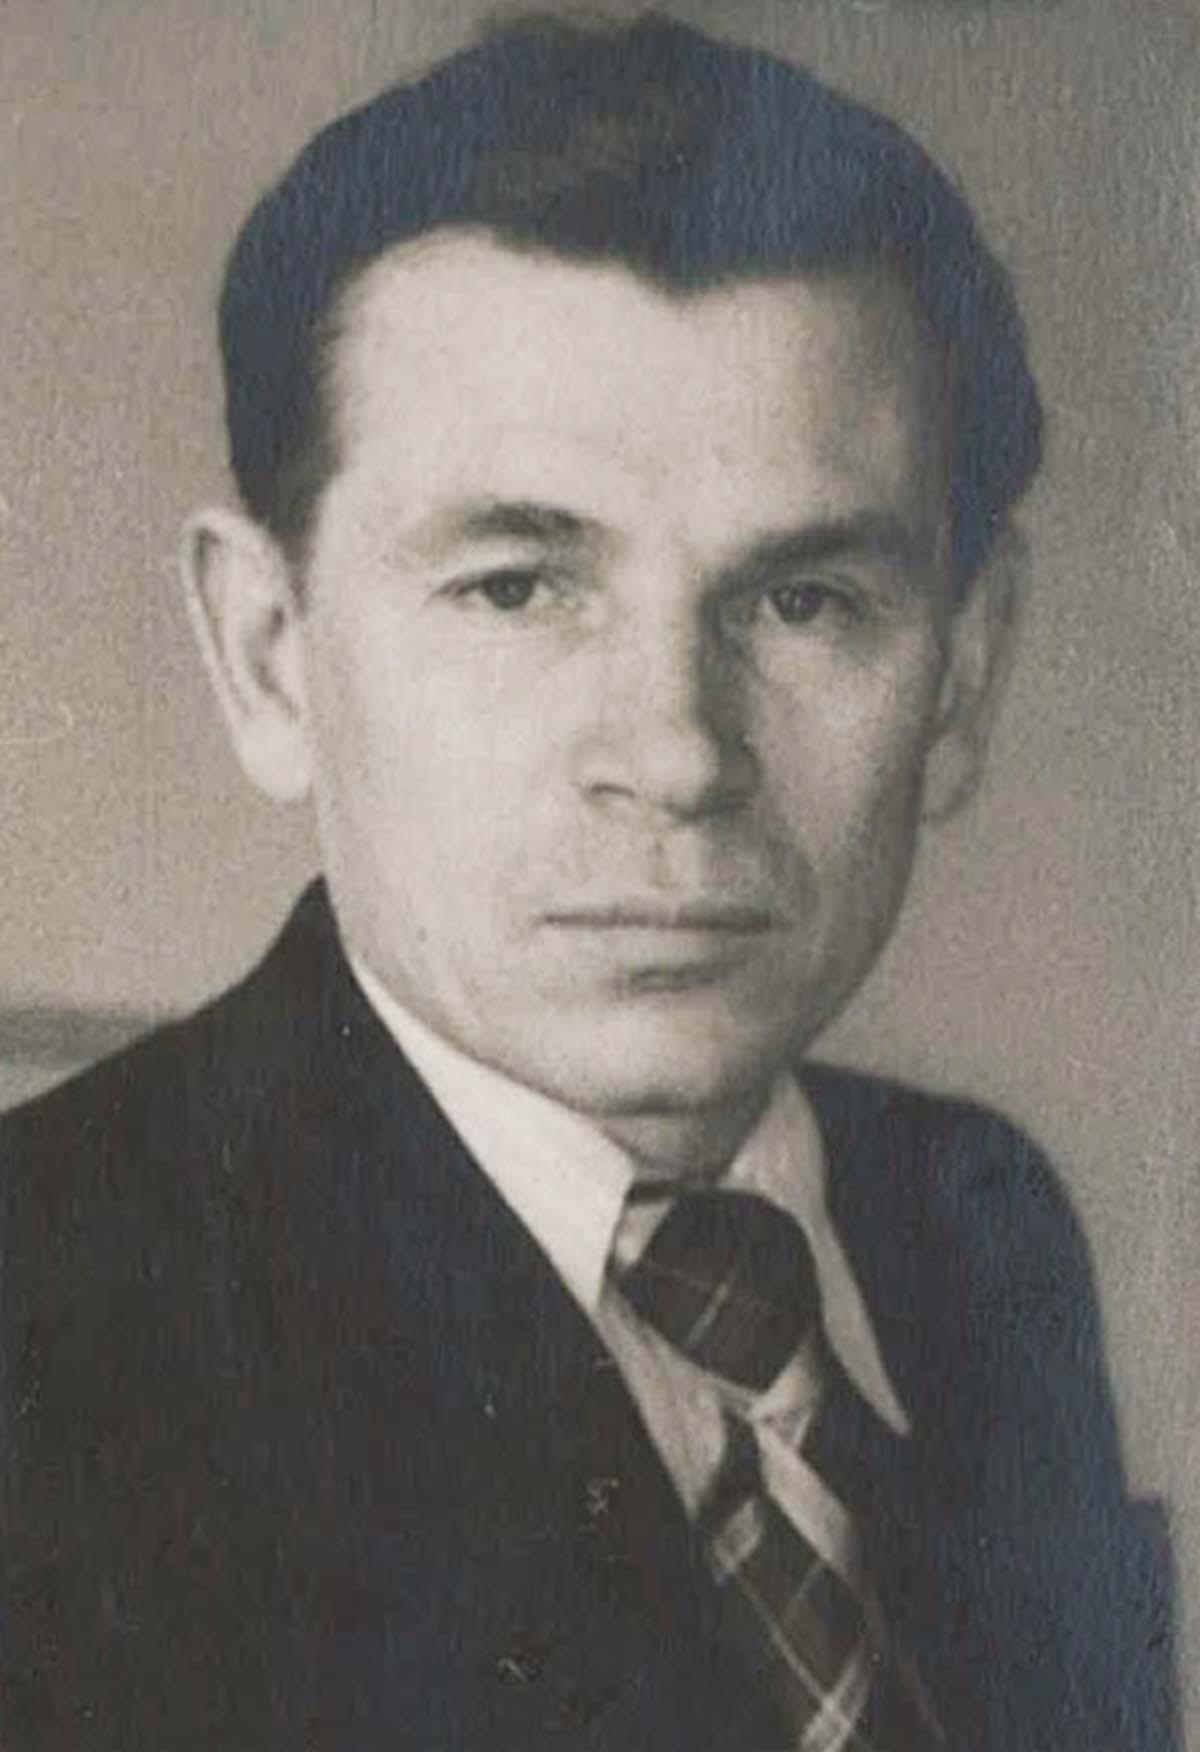 Evgeny Stepanovich Kobytev in 1960s.